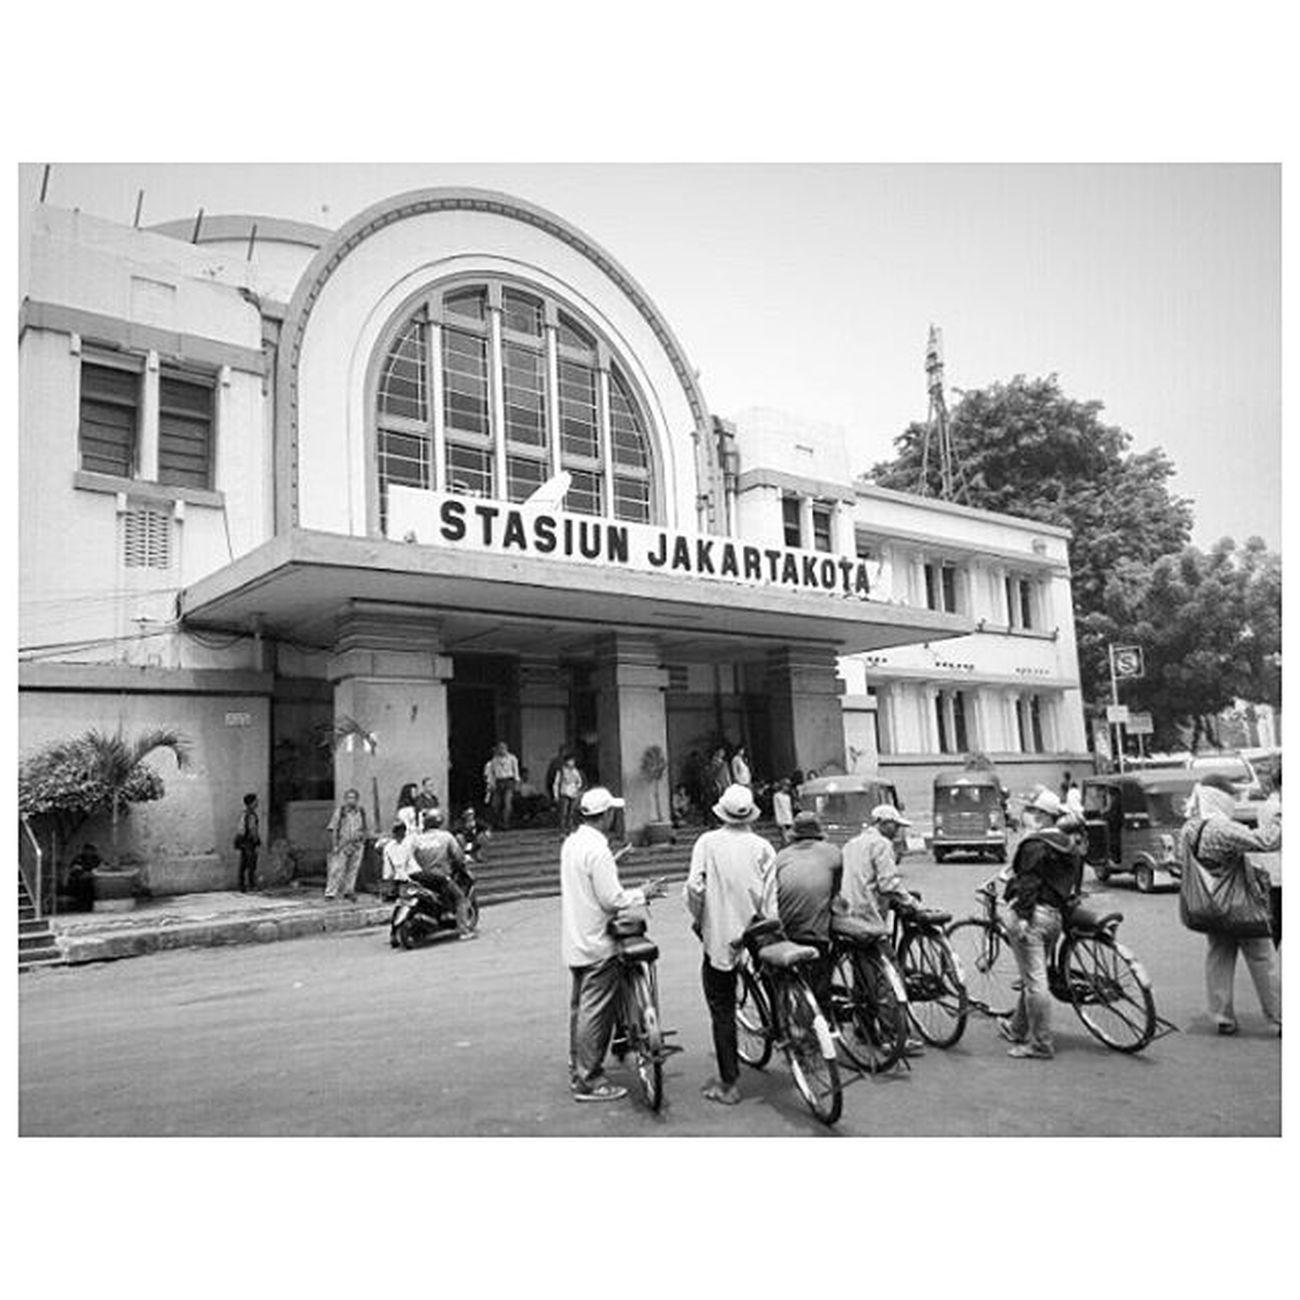 Waiting for customer Stasiunkota Ojeksepeda Jakarta 1000kata Natgeotravel Nationalgeographic Natgeoindonesia Pewartafotoindonesia Instalike Instagram Instagood Instadaily Instamood Photooftheday